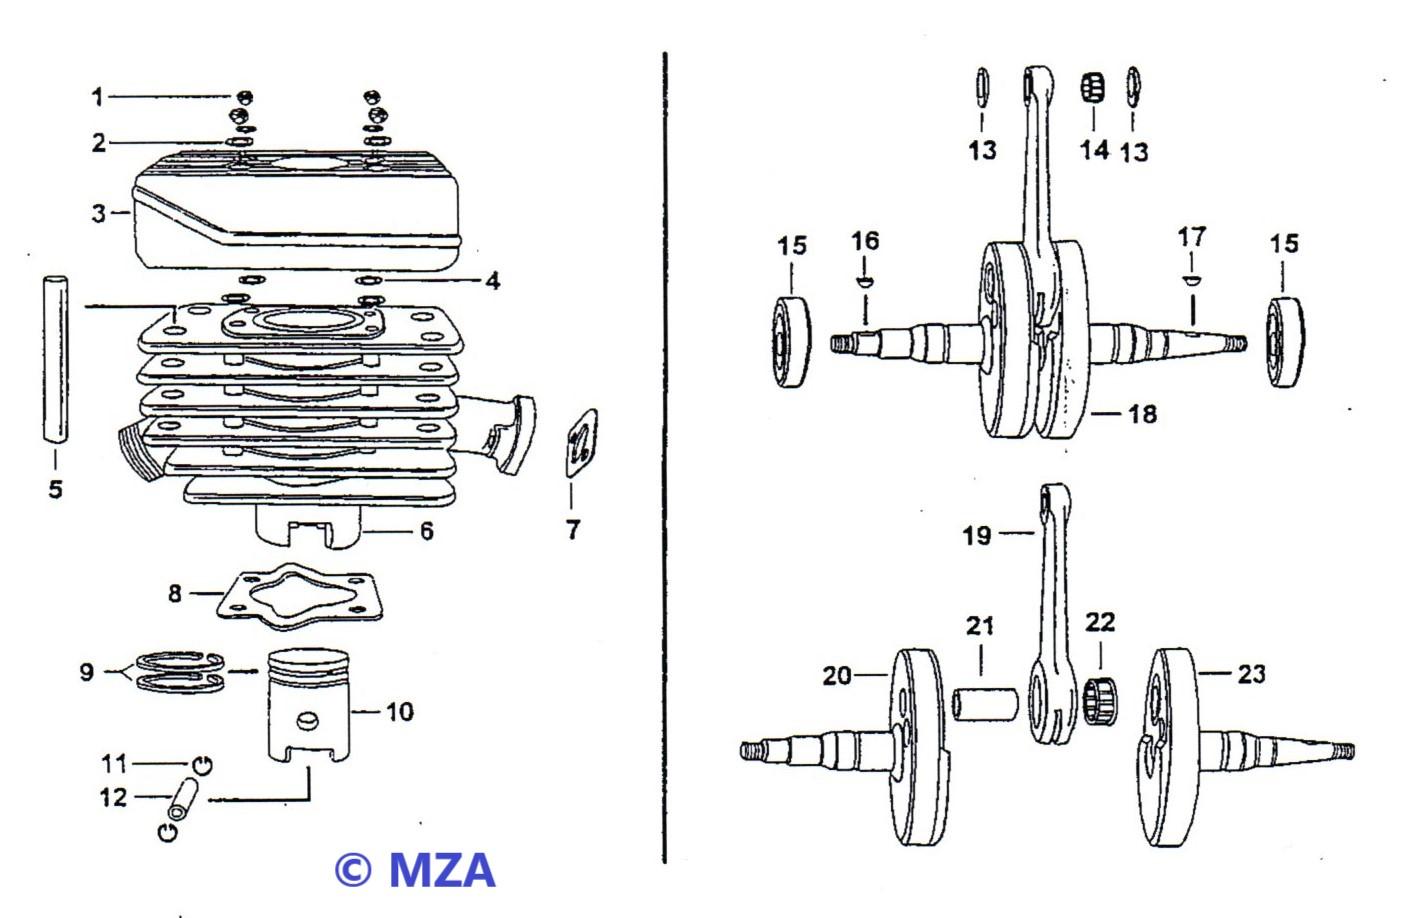 25. Zylinder und Kurbelwelle